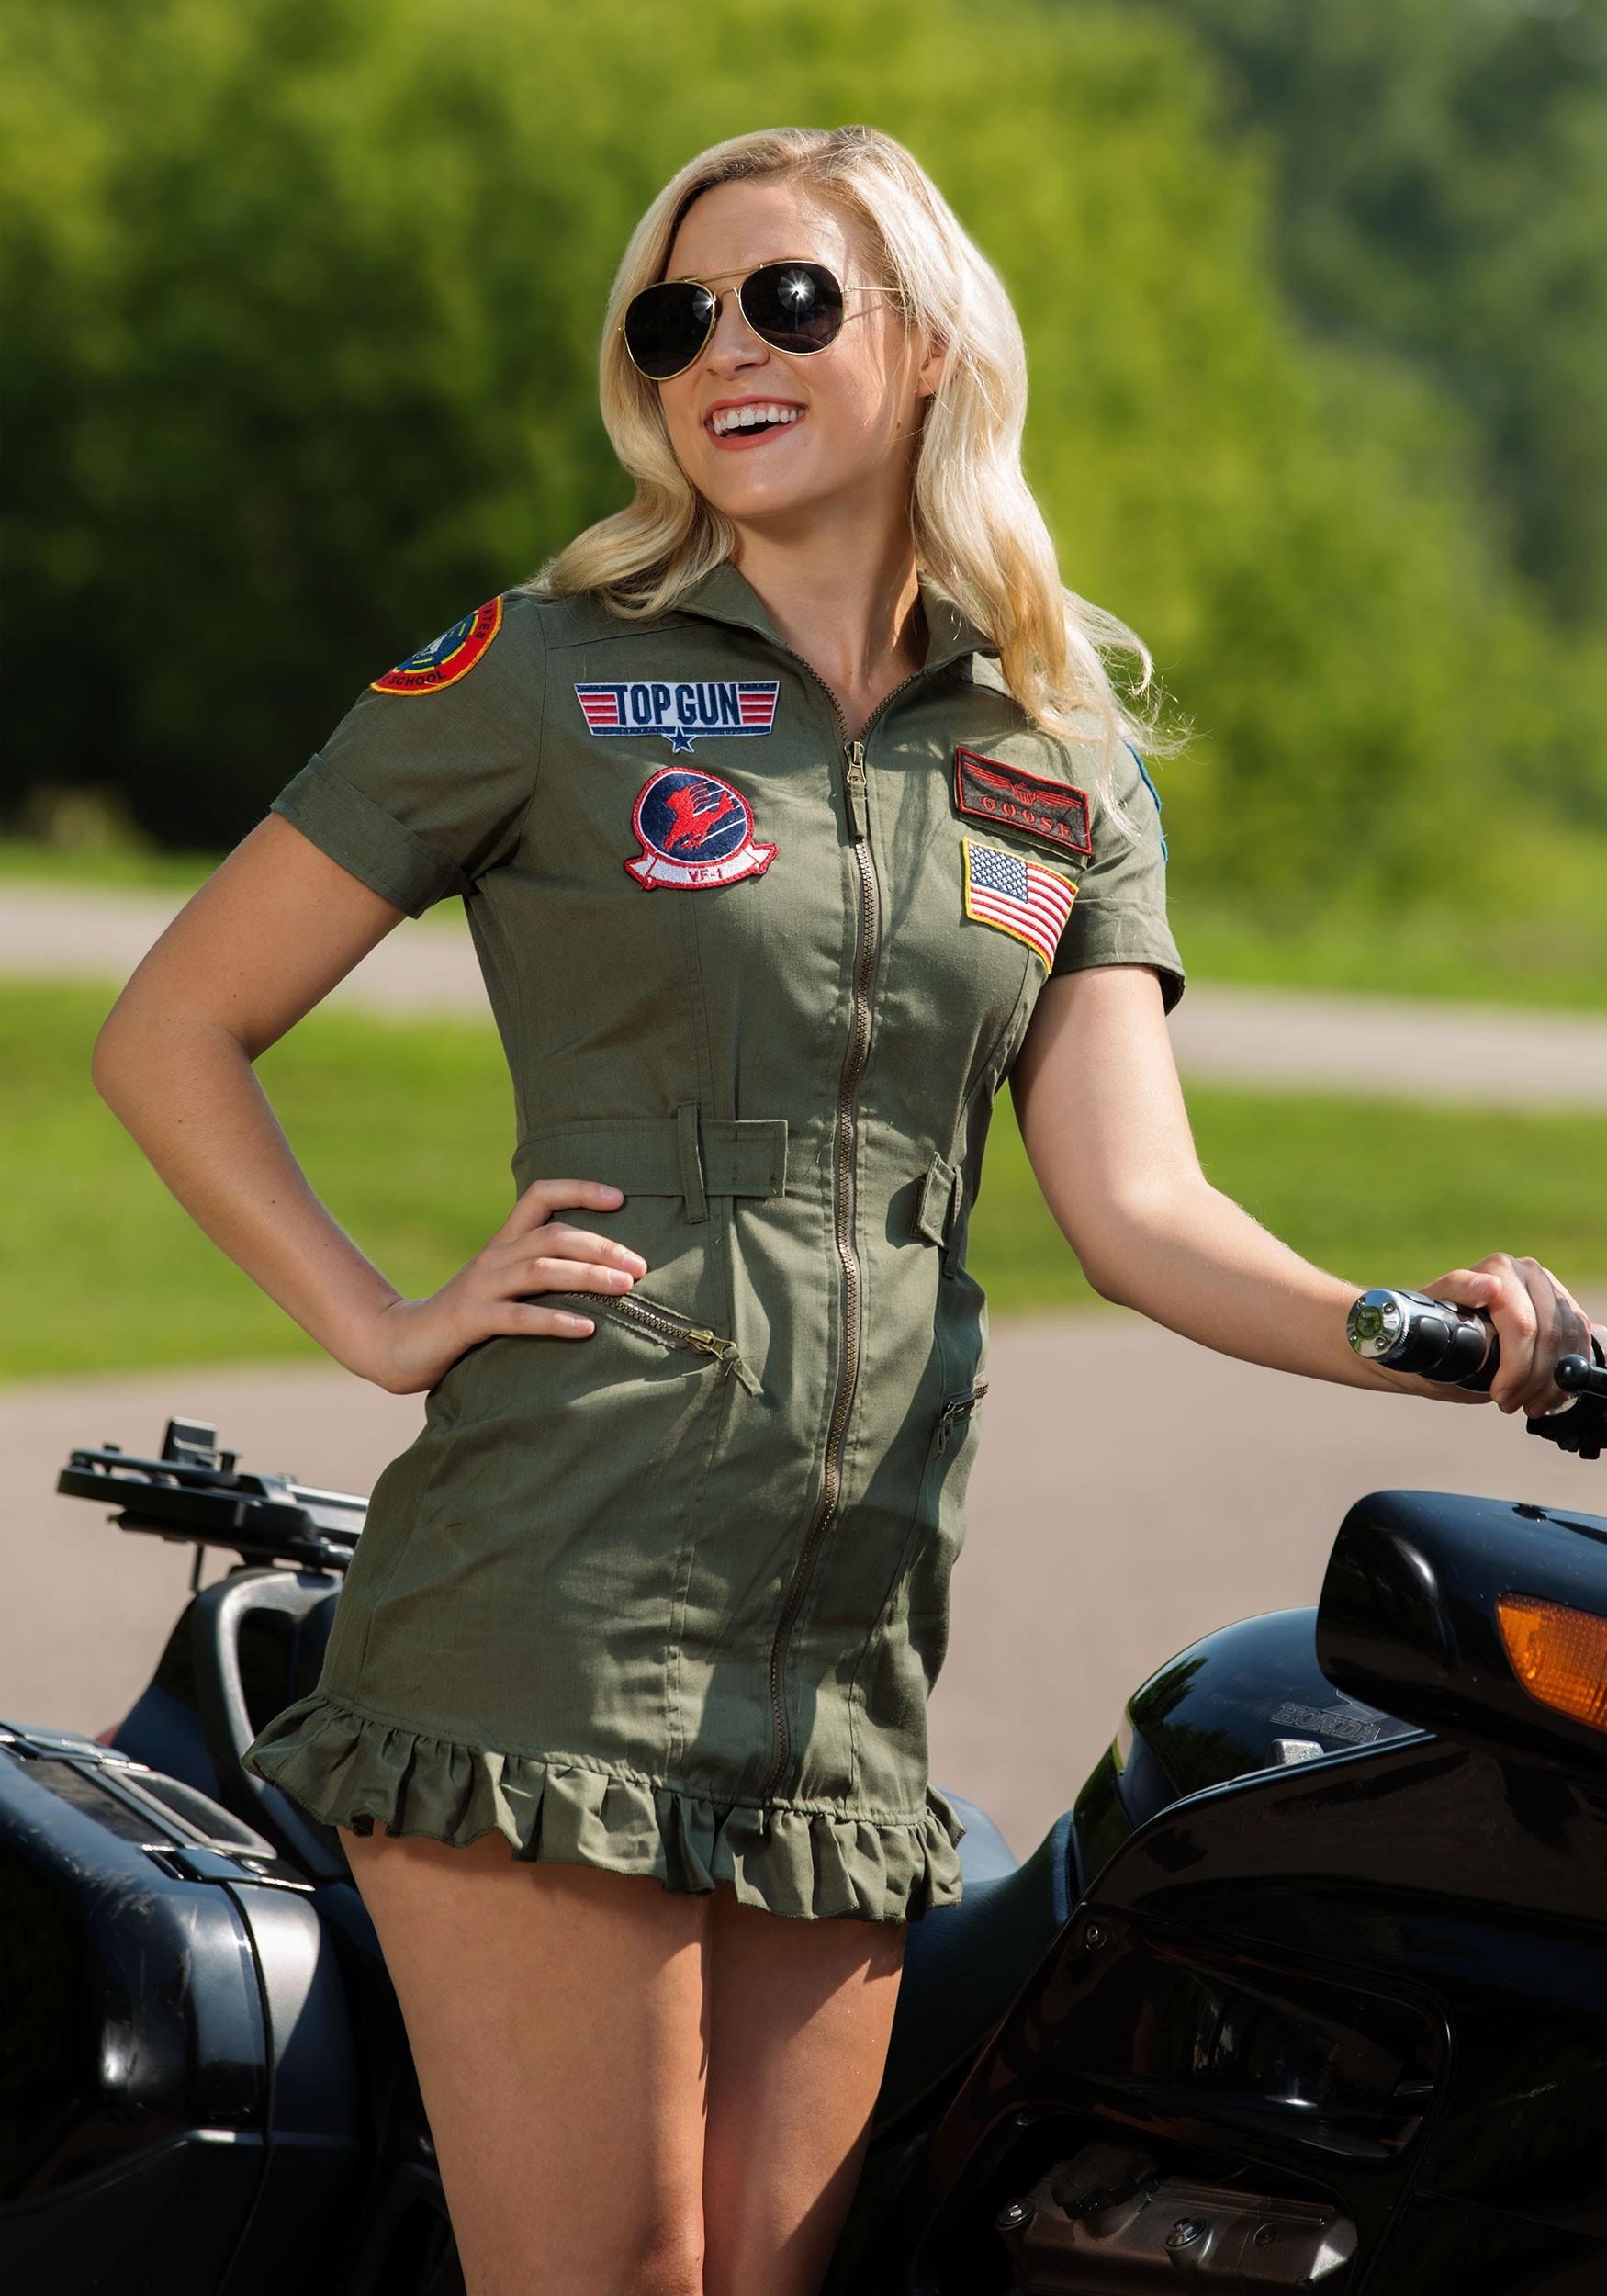 Top Gun Flight Dress Costume